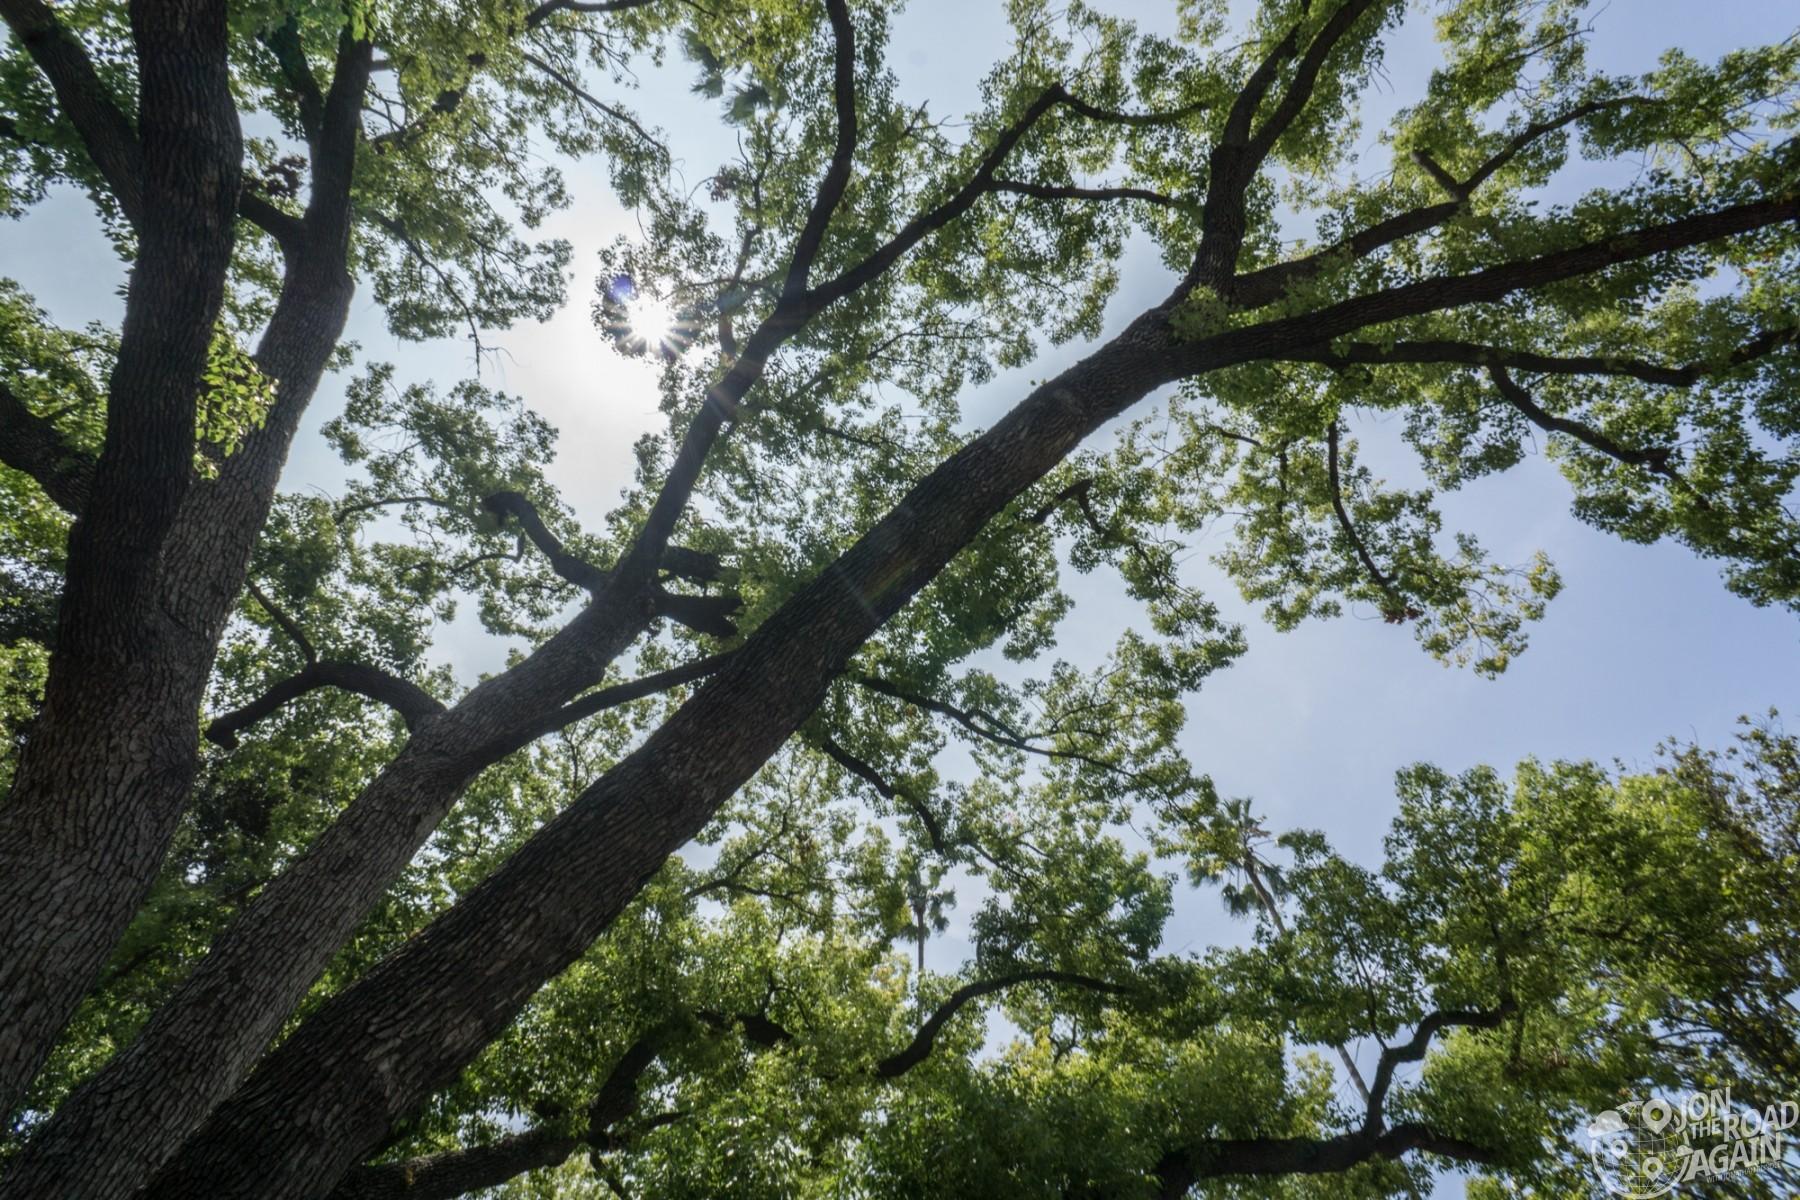 Marty McFly Tree